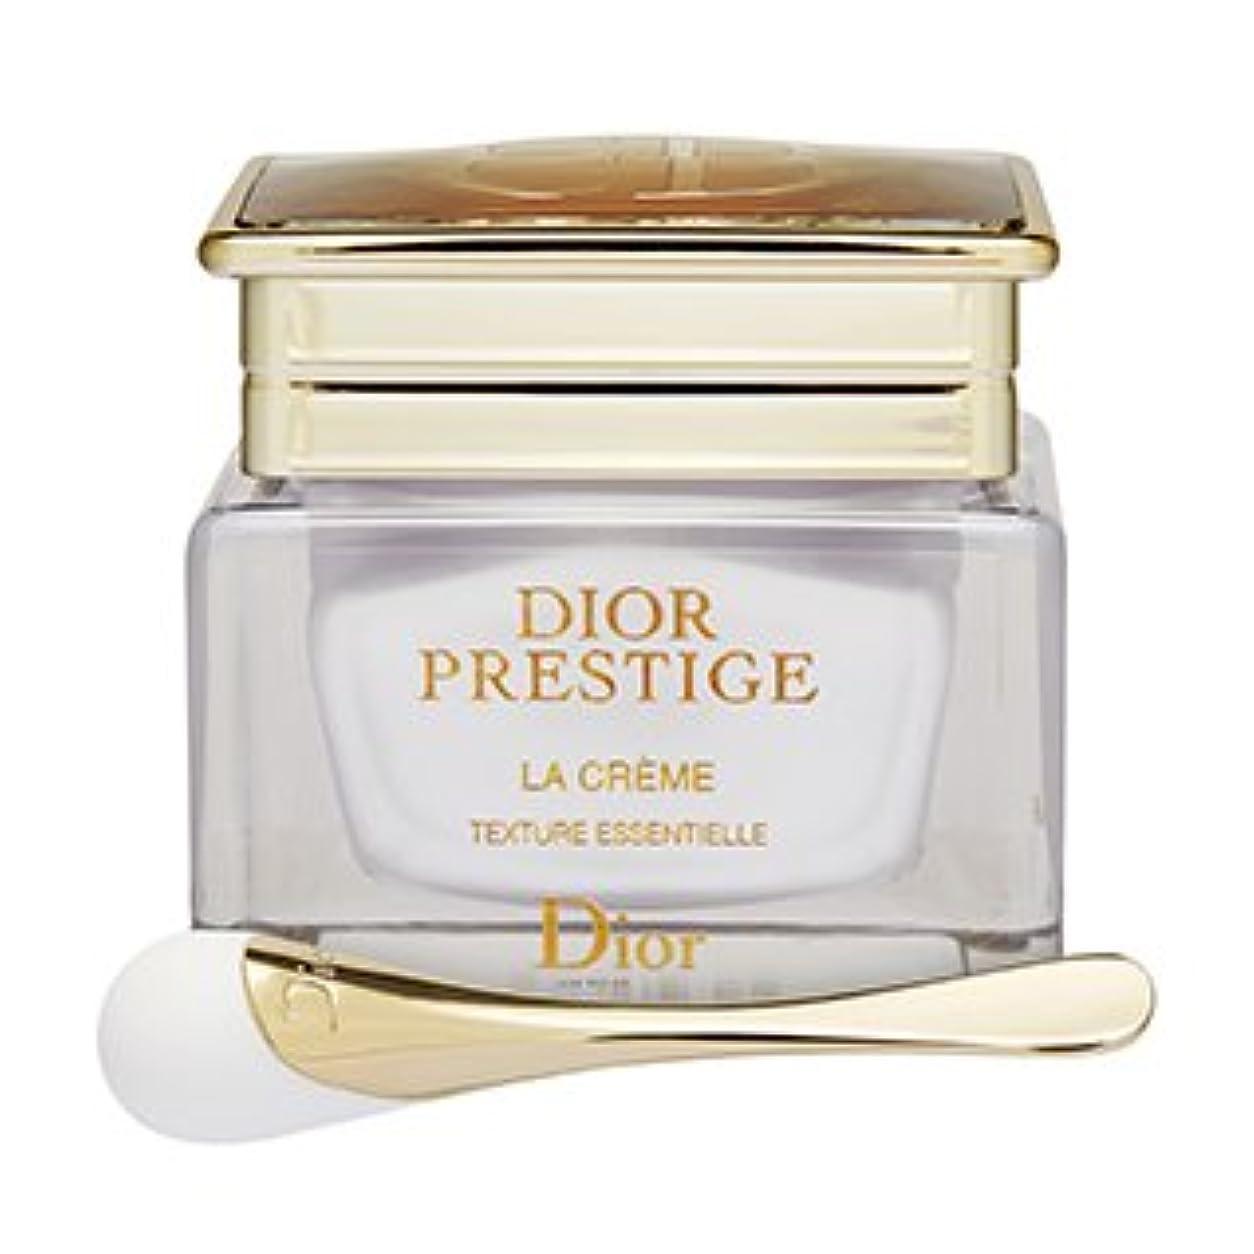 毎週タイルスプレーディオール(Dior) プレステージ ラ クレーム - 極上のテクスチャー [並行輸入品]